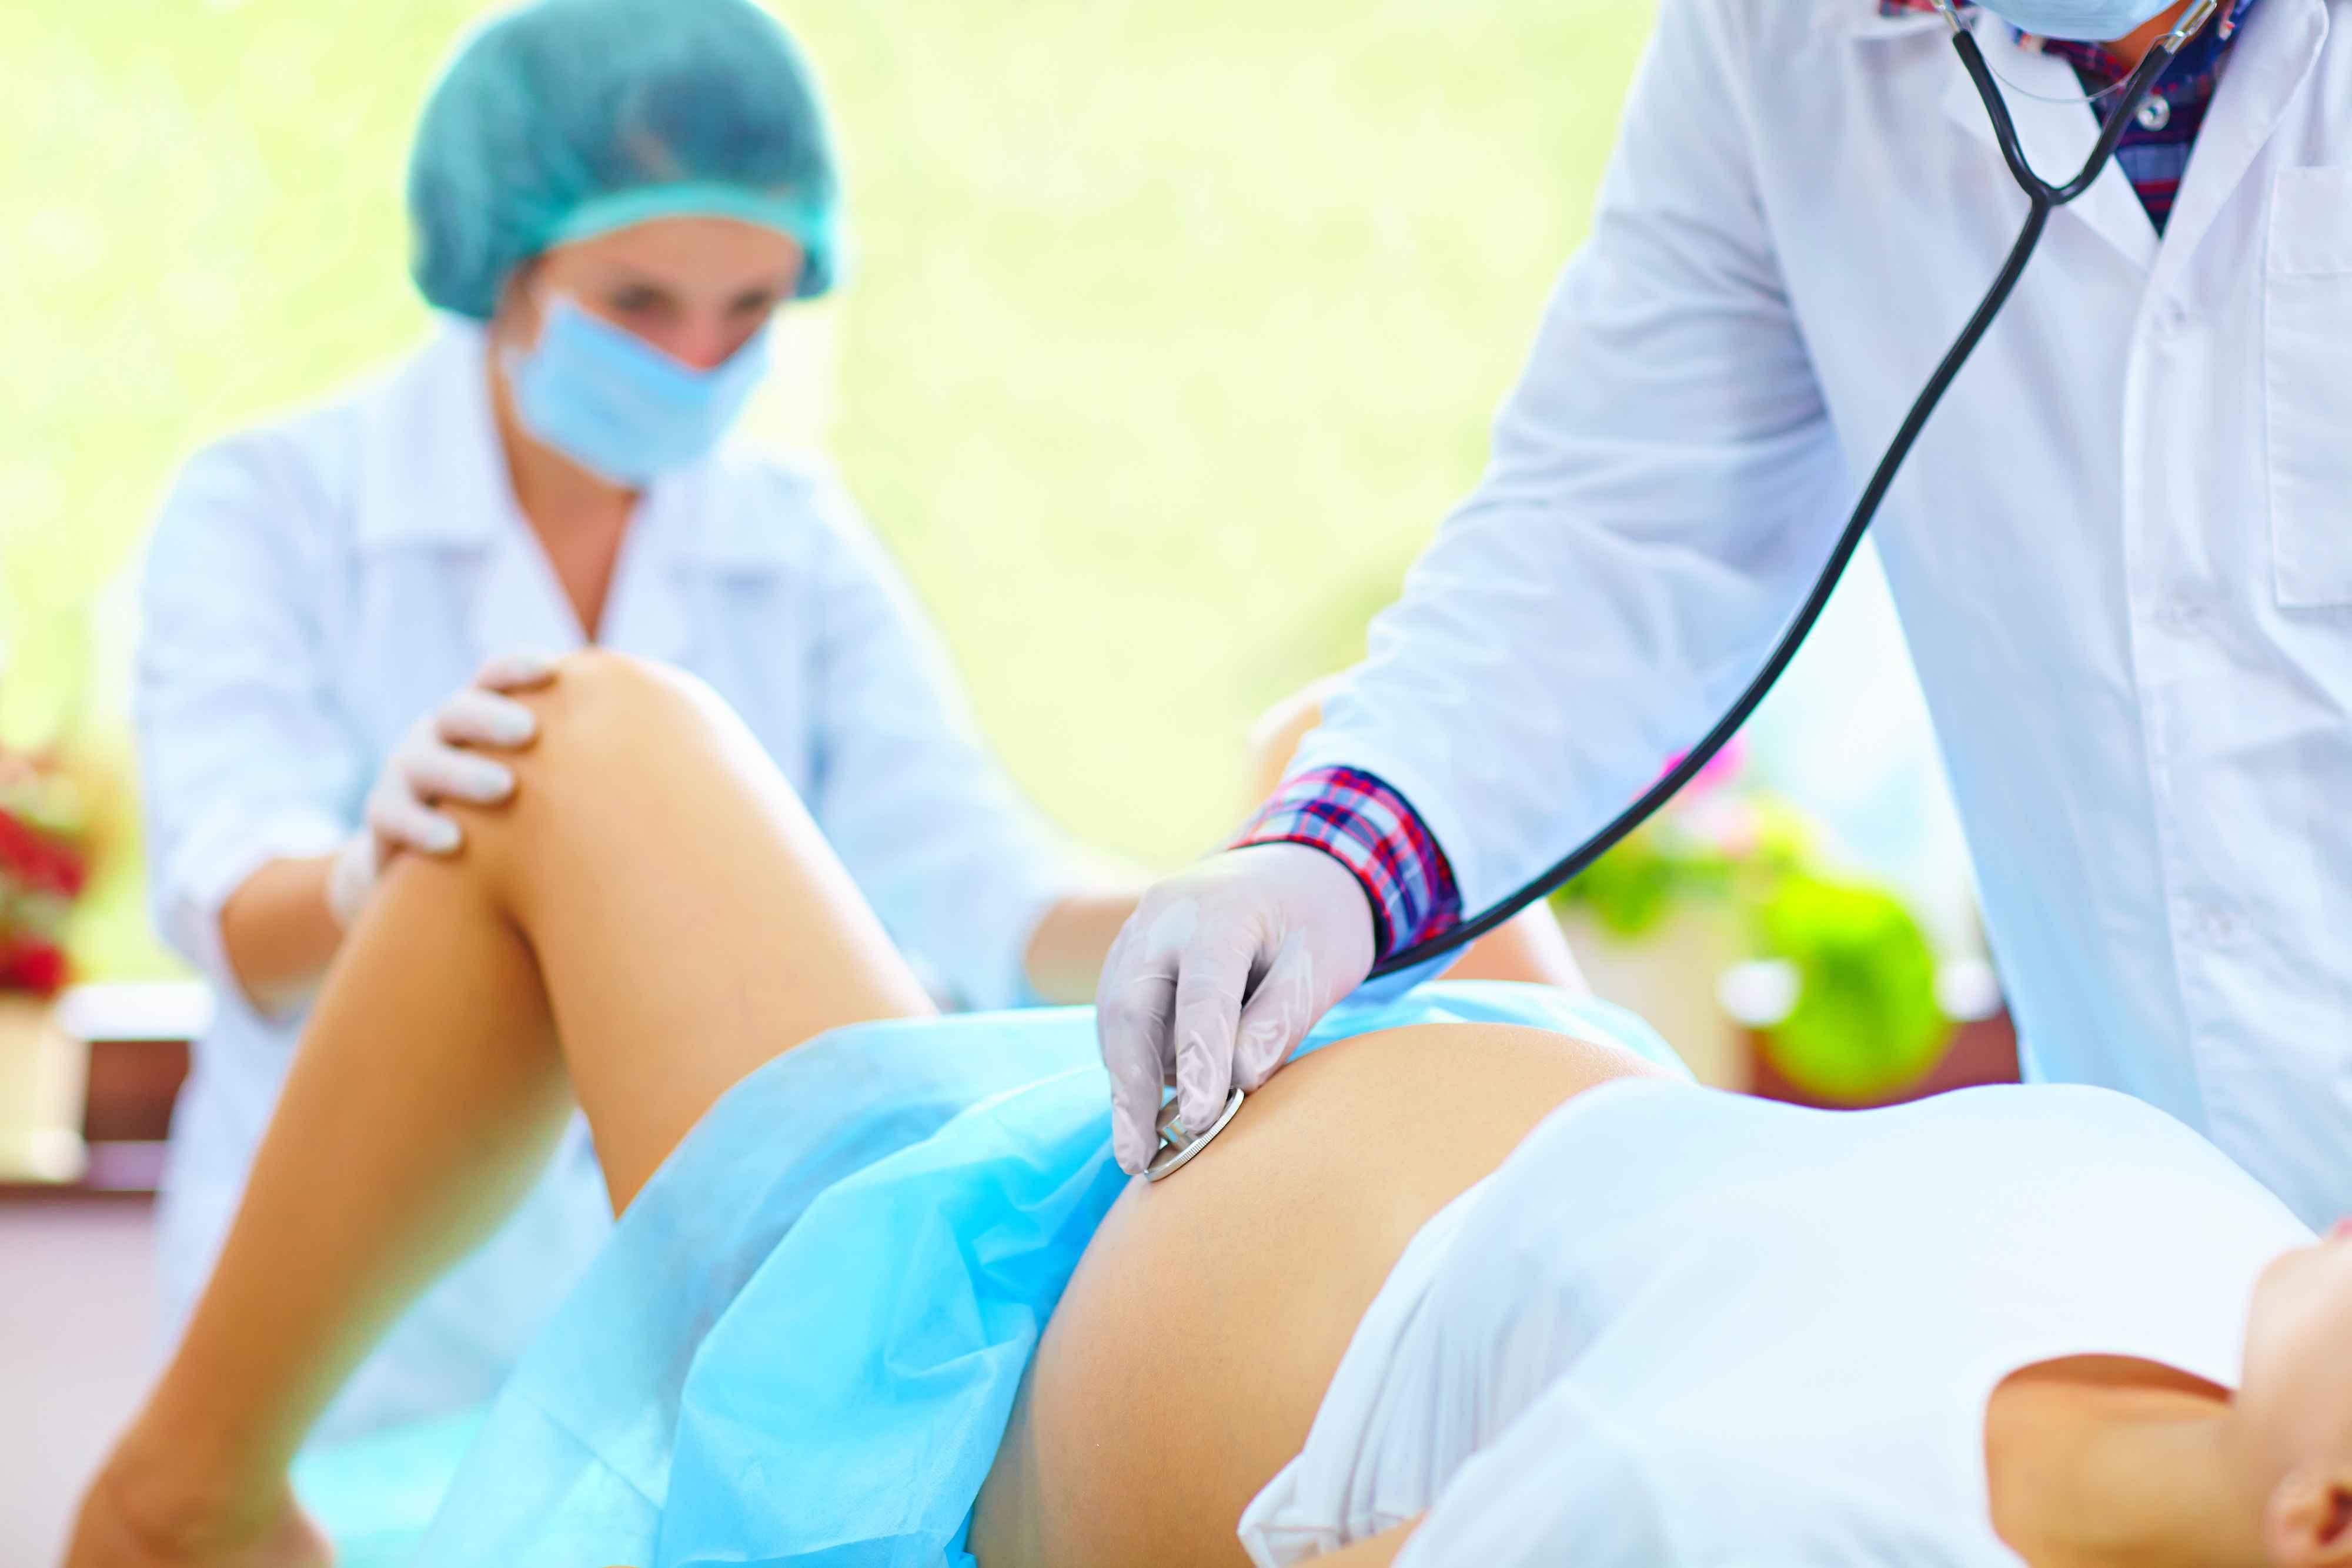 顺产时,侧切和撕裂会对以后的性生活有影响吗?